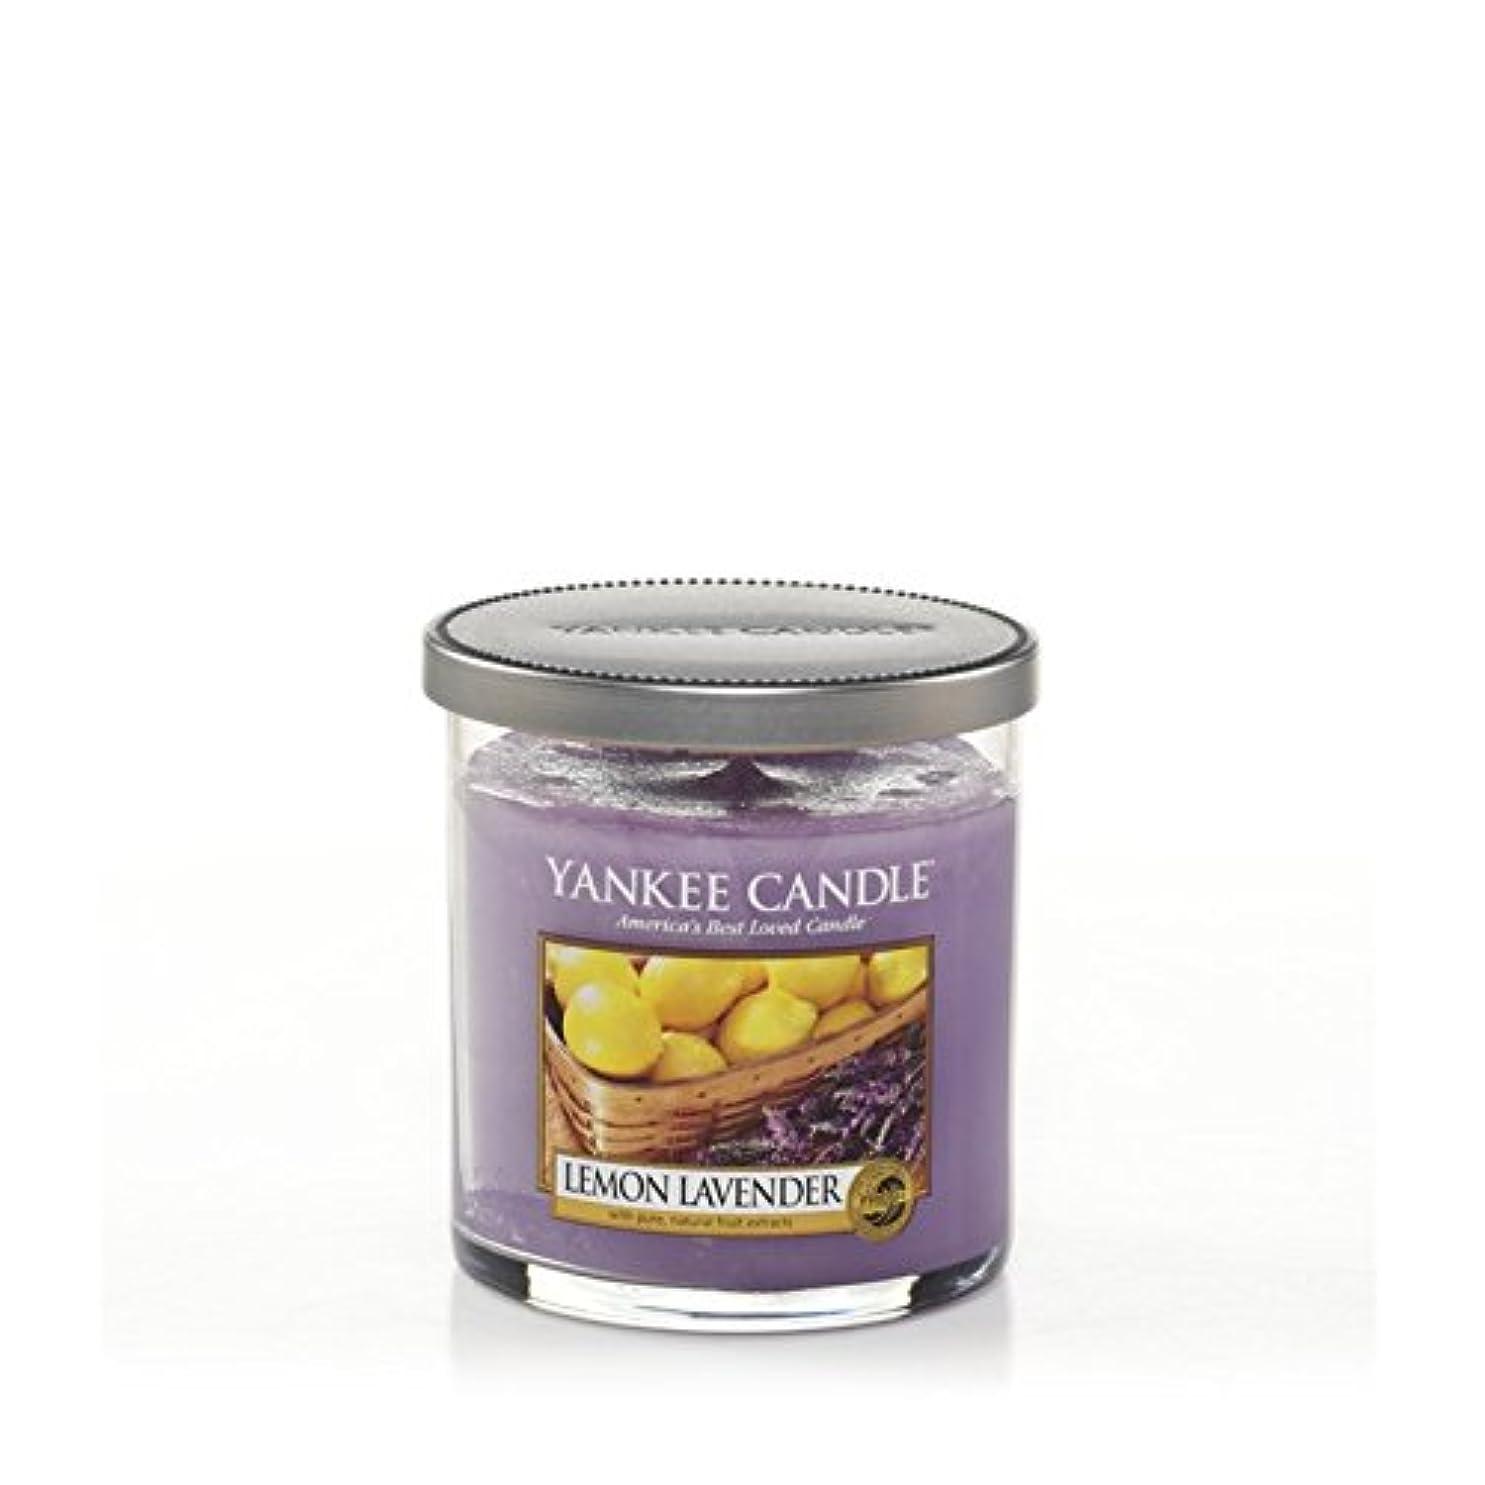 テロちっちゃい汚れたYankee Candles Small Pillar Candle - Lemon Lavender (Pack of 6) - ヤンキーキャンドルの小さな柱キャンドル - レモンラベンダー (x6) [並行輸入品]